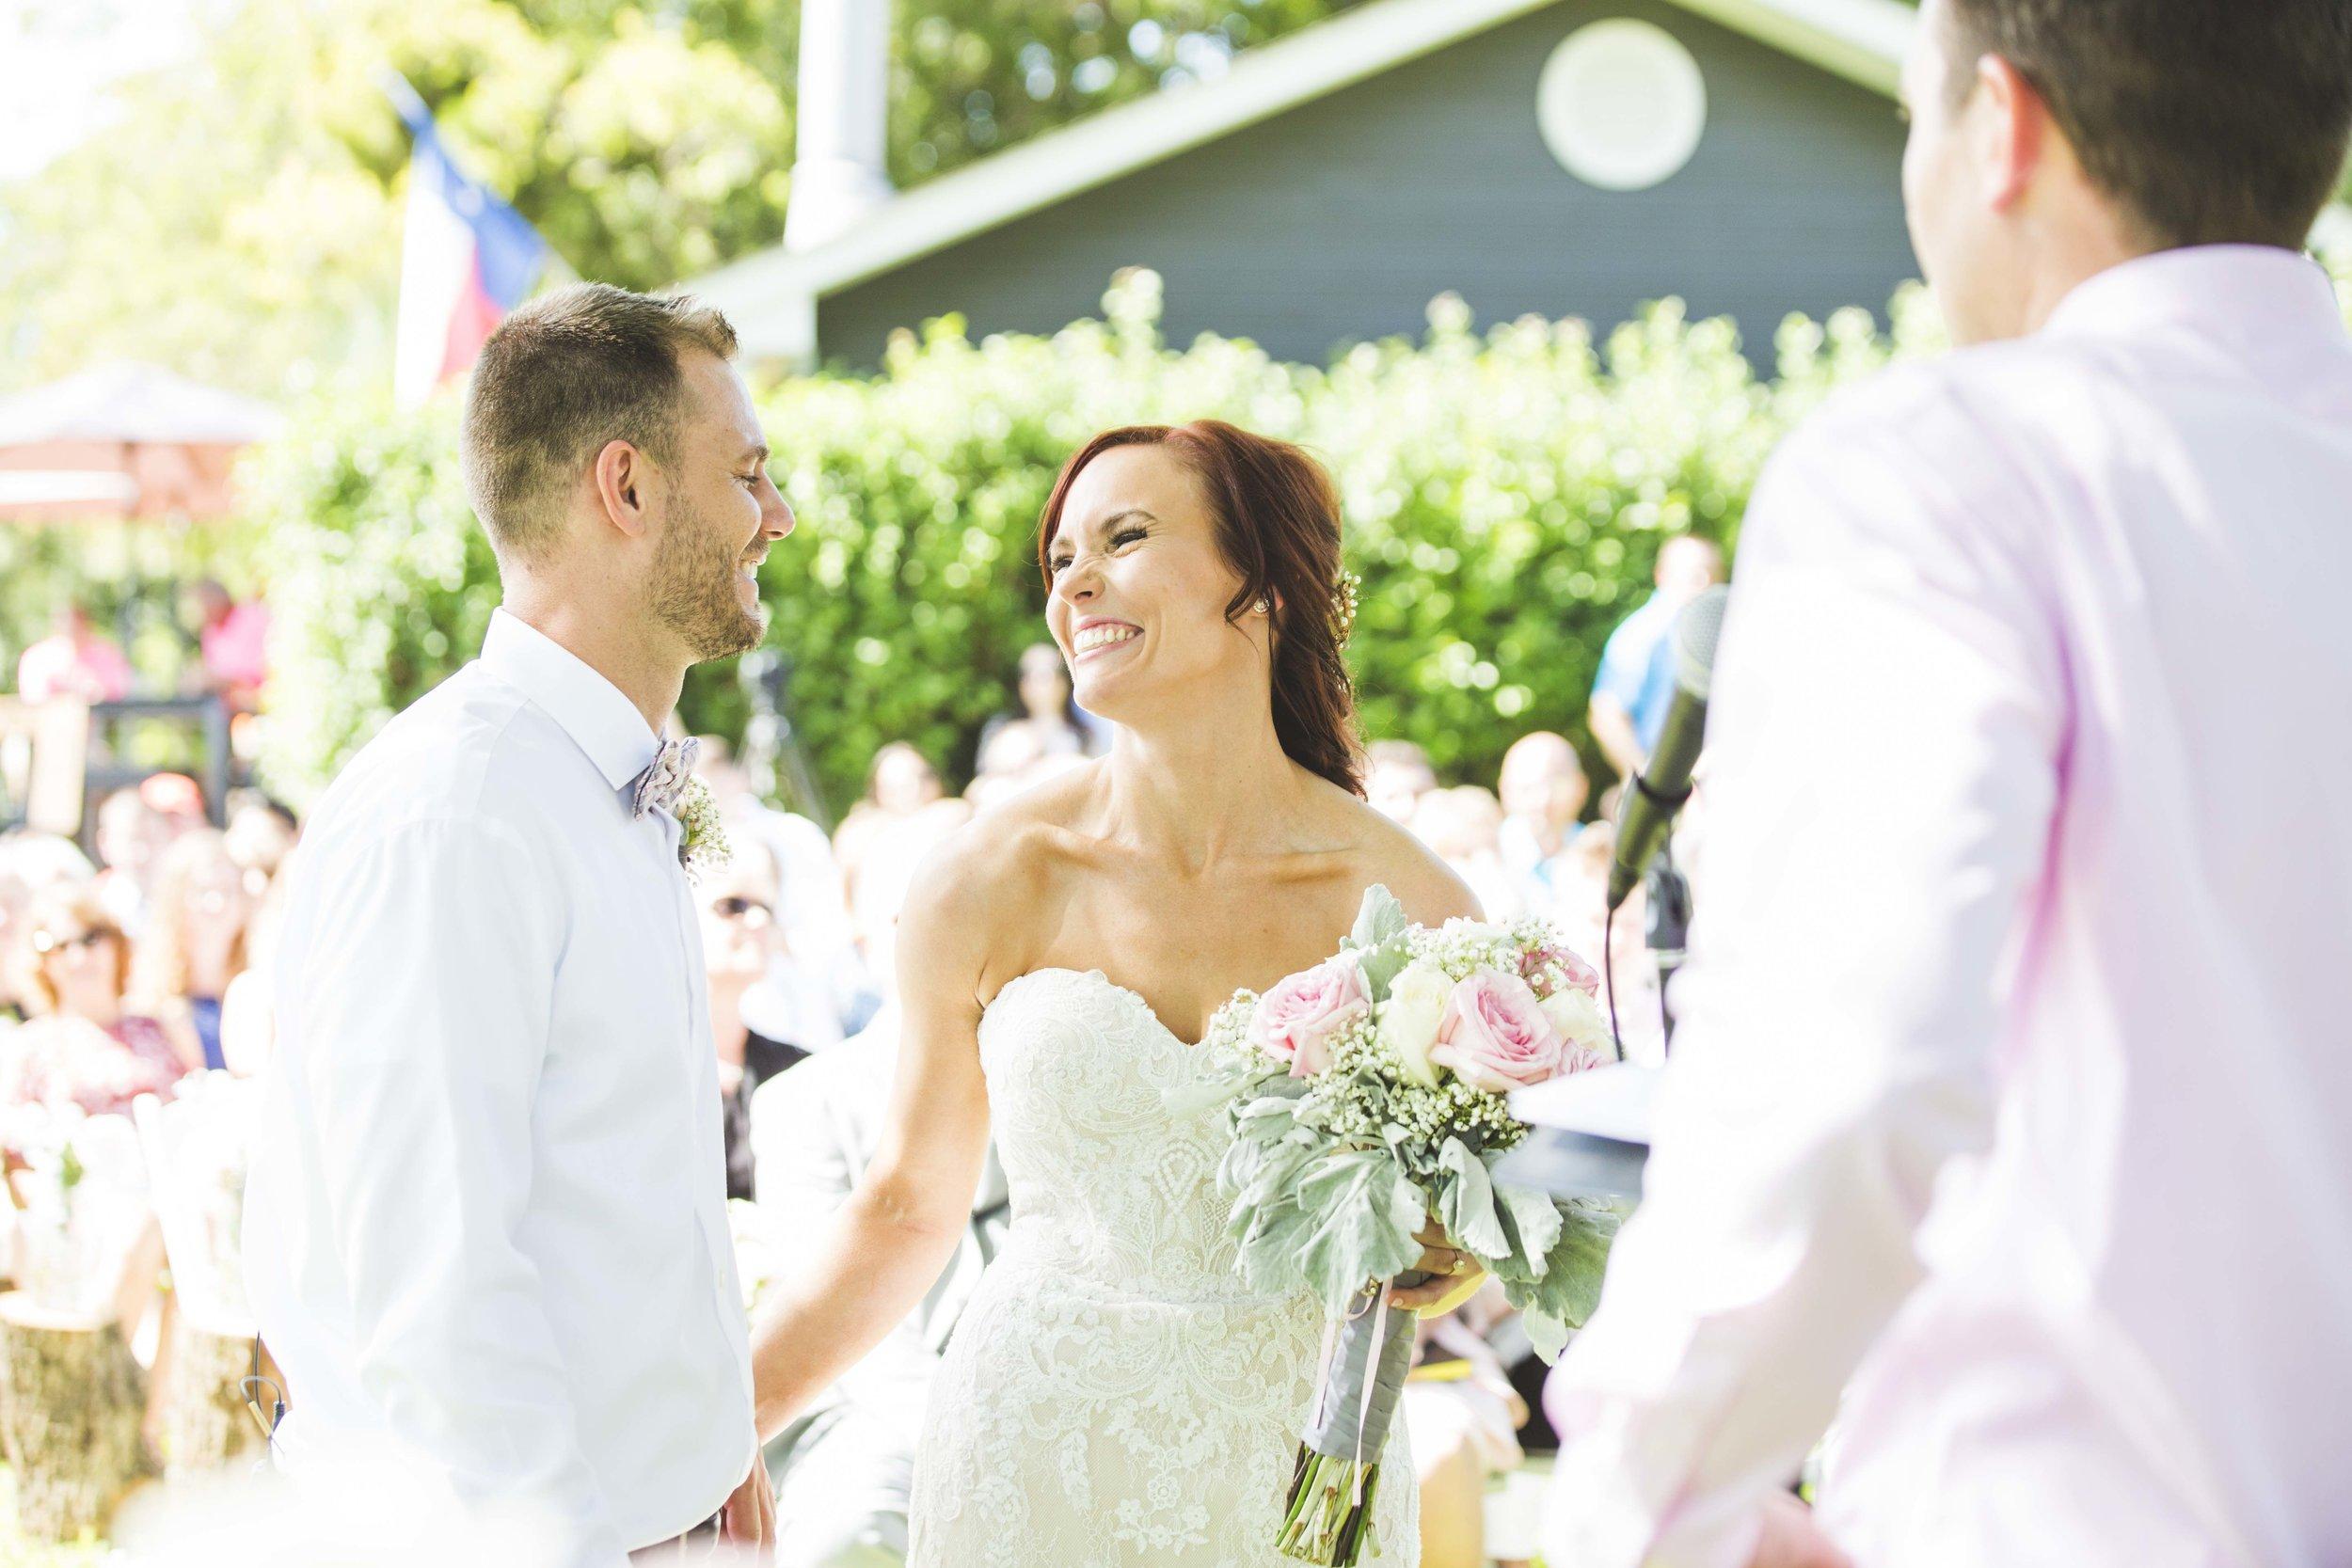 ATGI_Susanna & Matt Wedding_717A7648.jpg